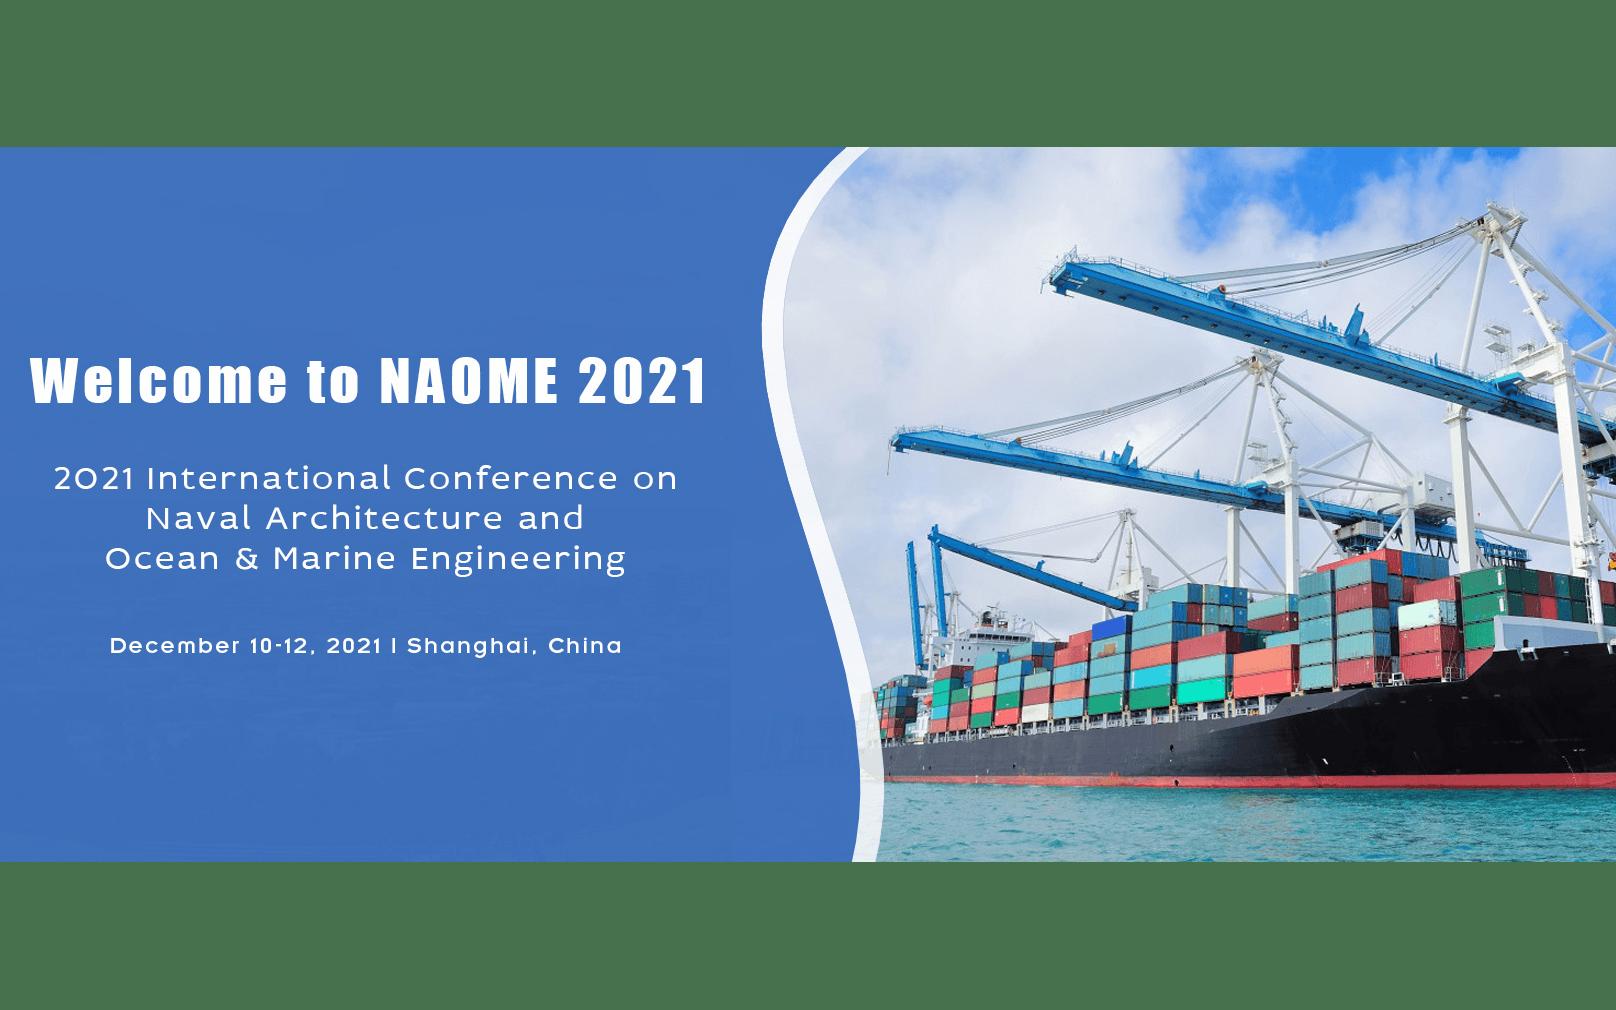 2021年第五届船舶,海洋与海事工程国际会议(NAOME 2021)EI检索